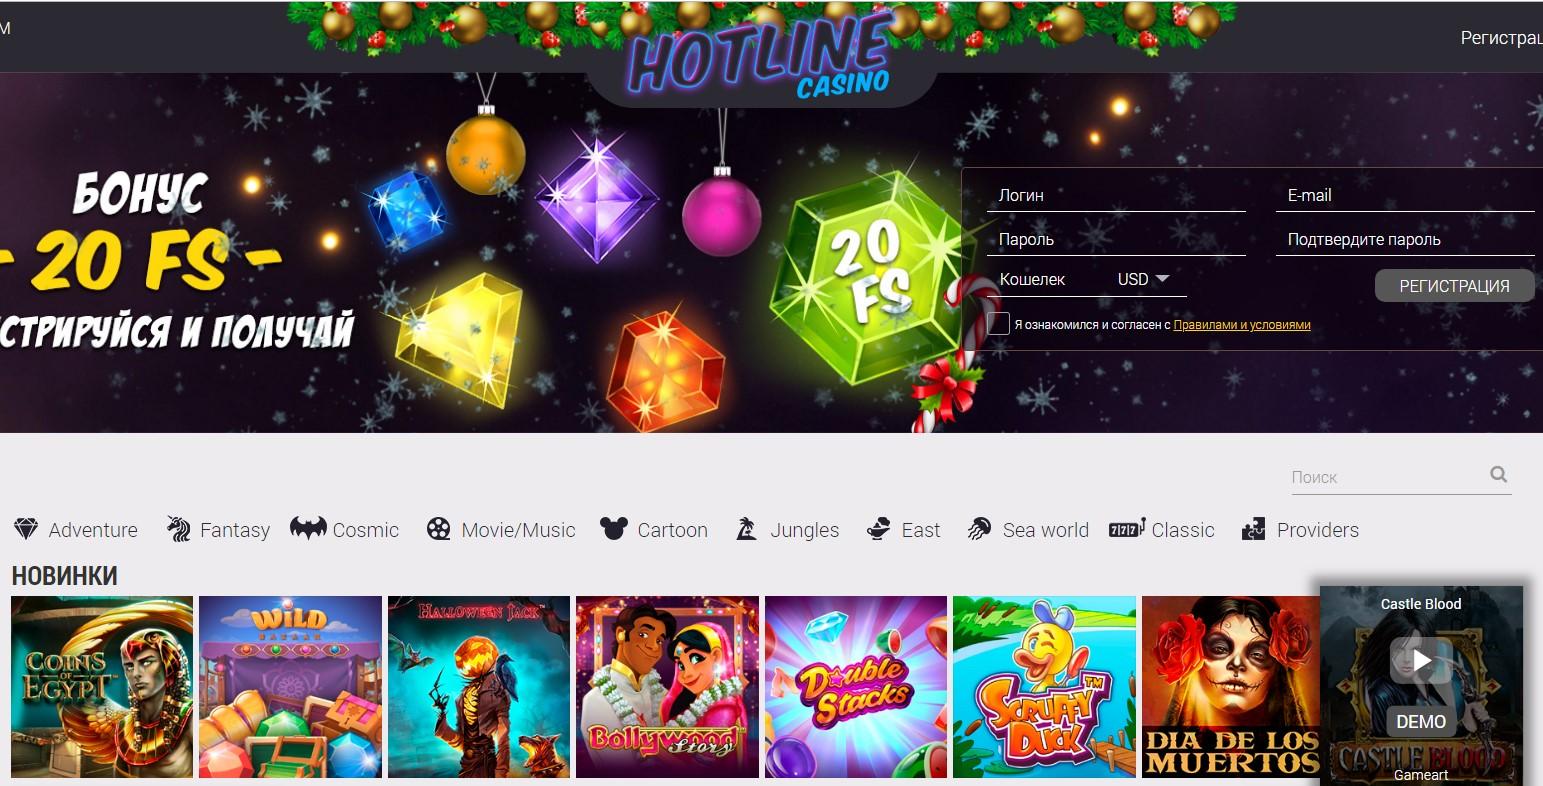 Hotline Casino - Официальный сайт